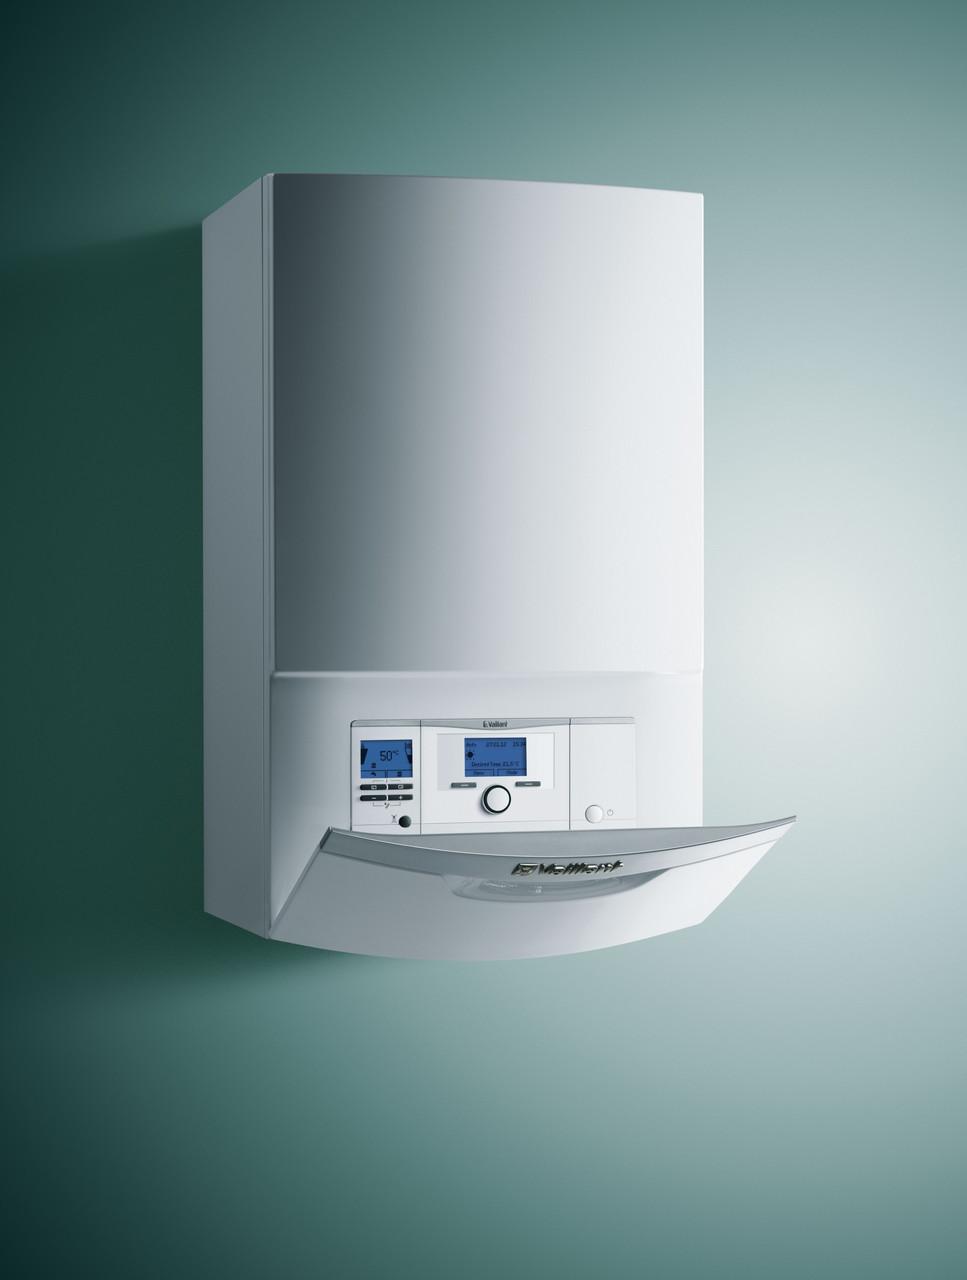 Конденсационный котел со встроенным приготовлением горячей воды Vaillant ecoTEC plus 20 кВт, ГВП 24 кВт